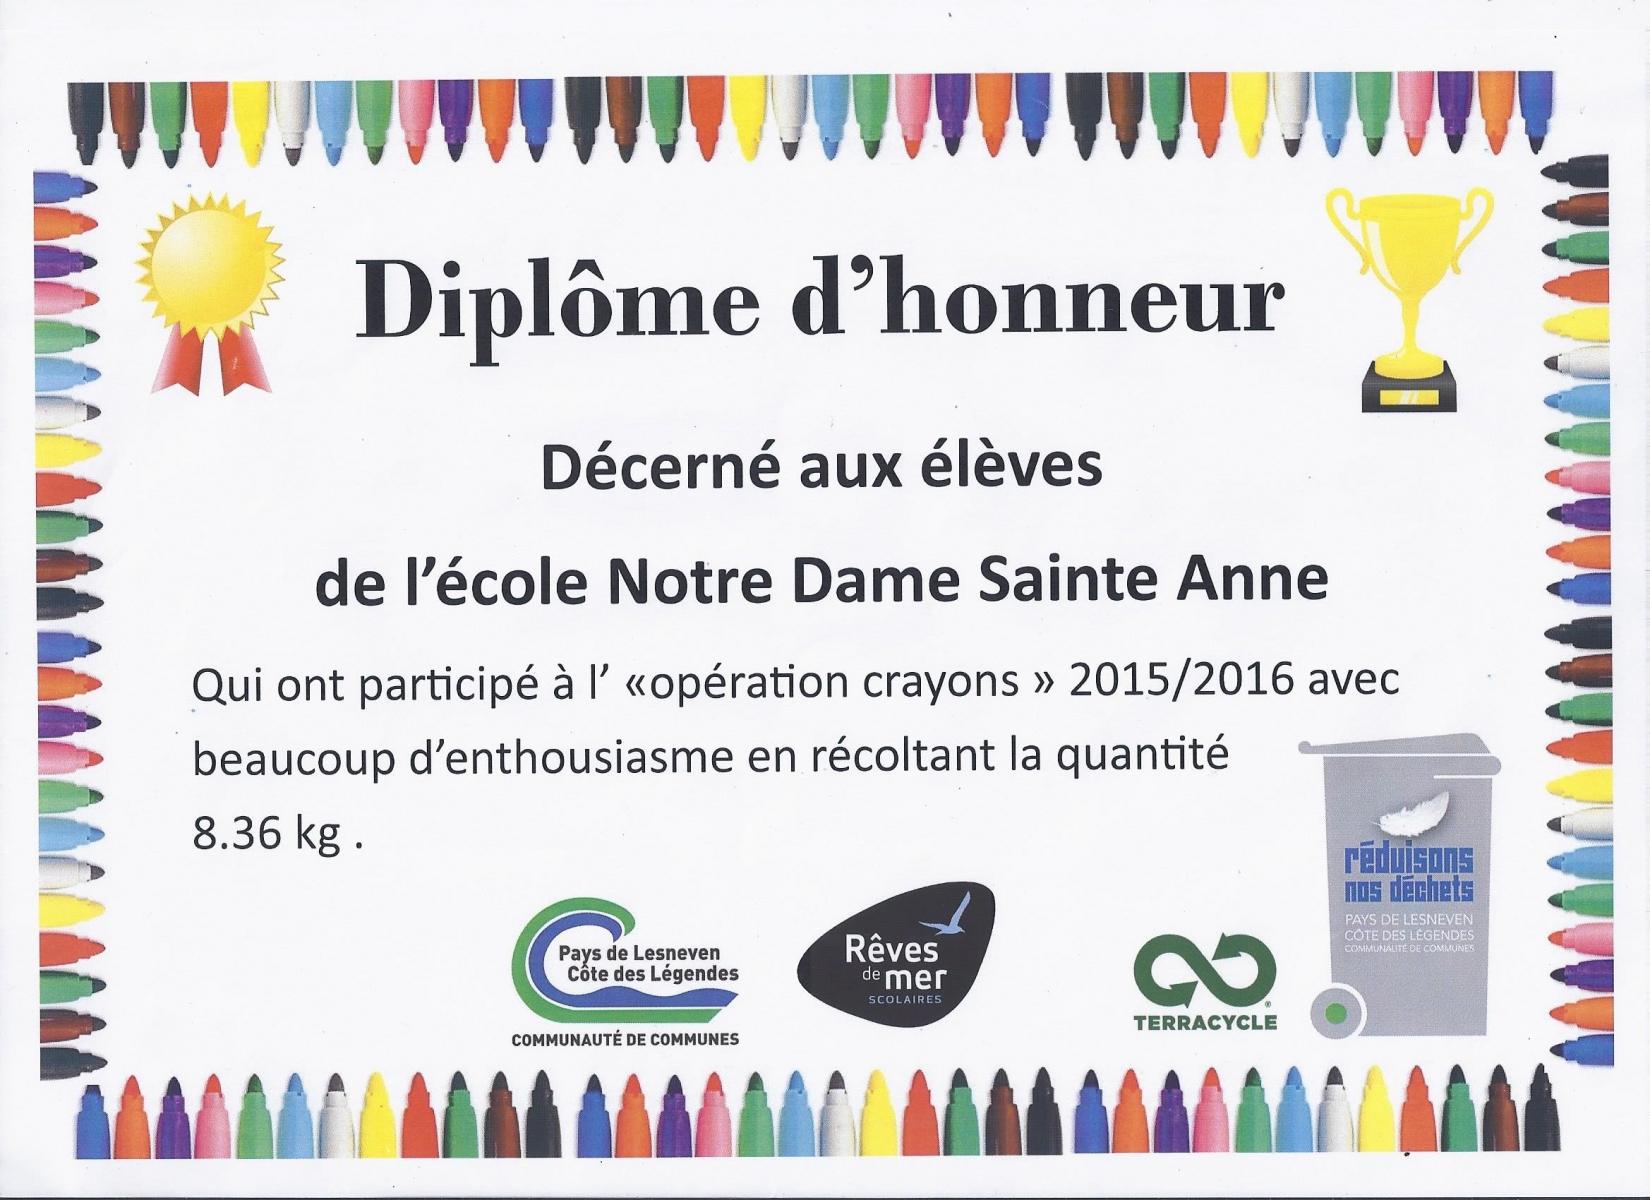 L'école_reçoit_un_diplôme_d'honneur